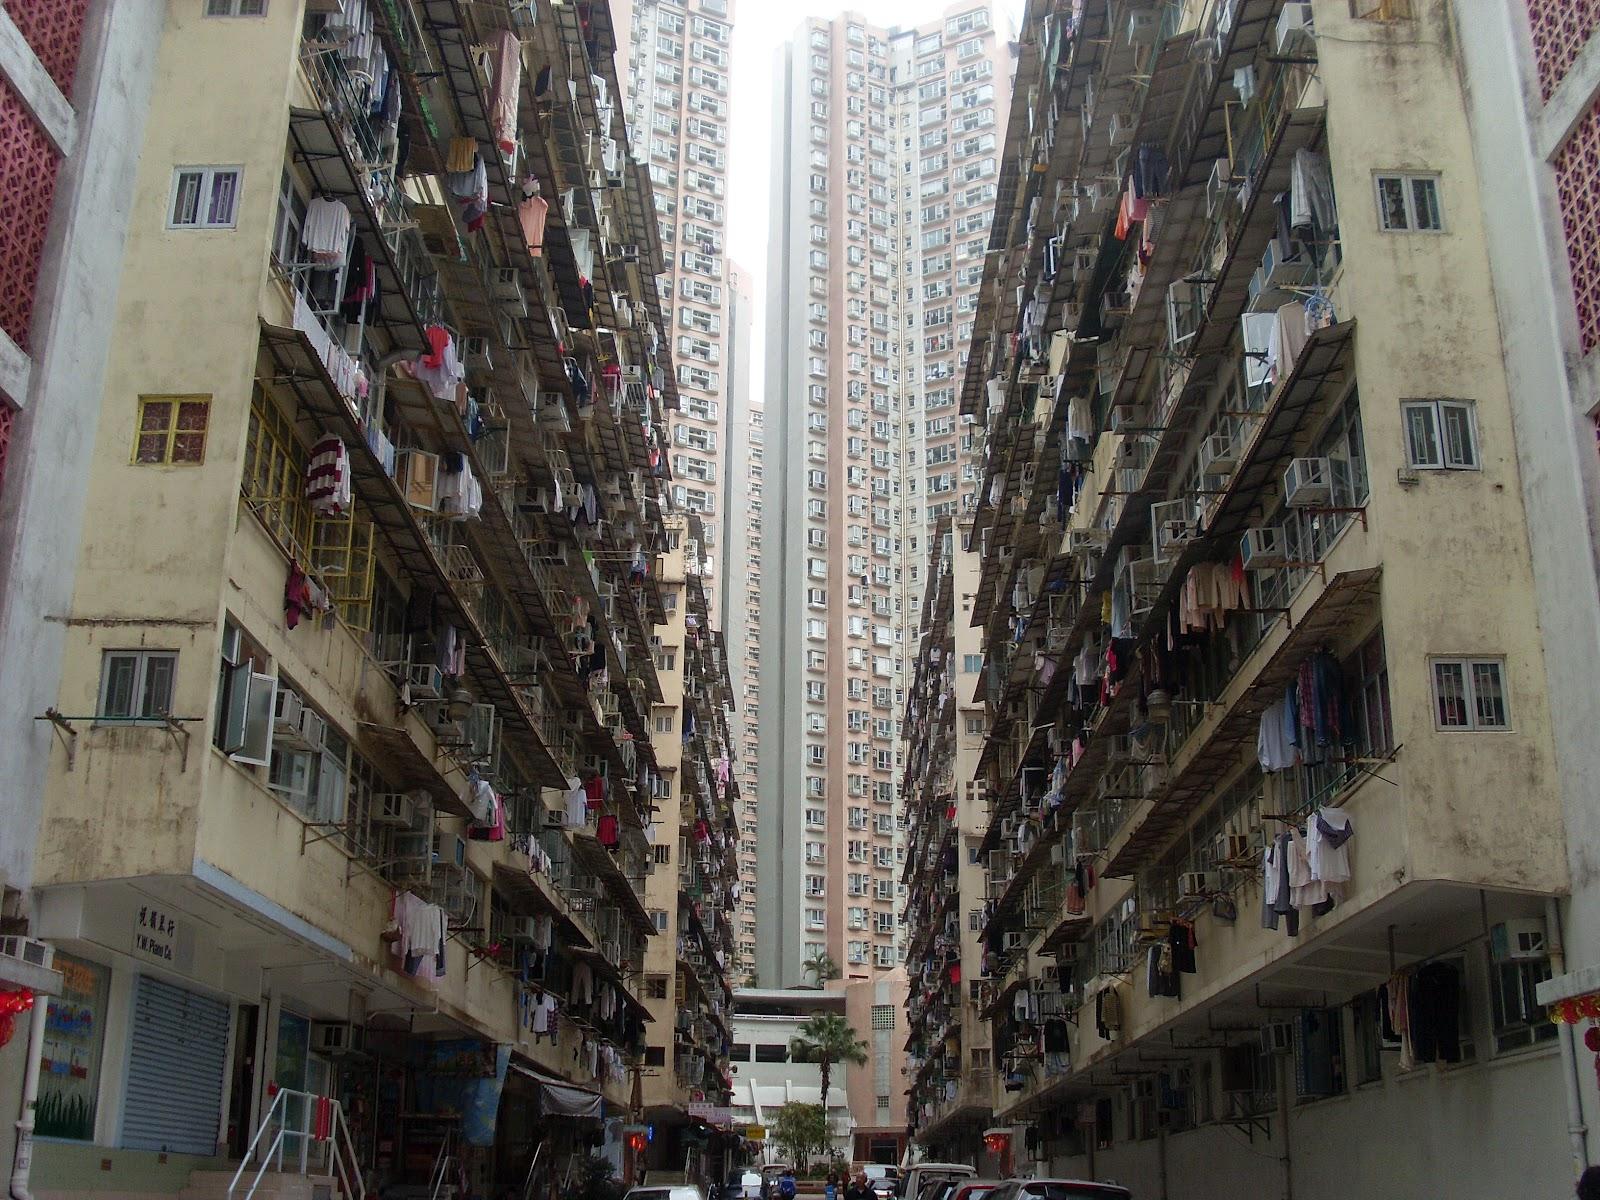 走訪太古船塢的前工人宿舍(太成樓,太就樓,太興樓及太隆樓) - 香港懷舊文化 - Uwants.com